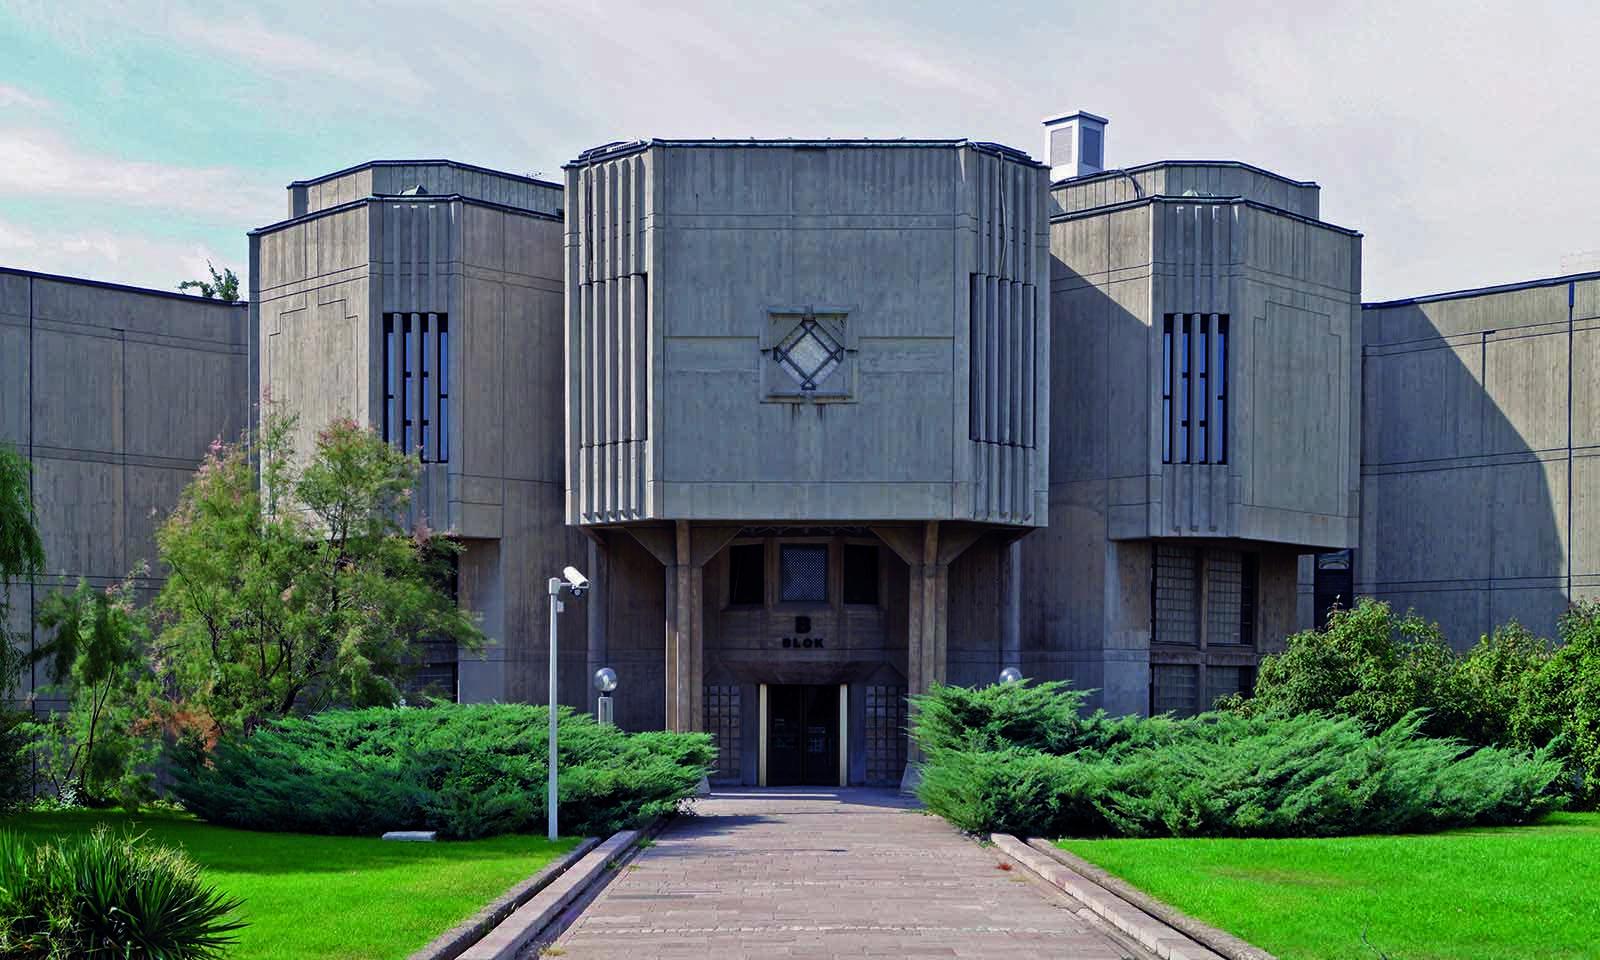 Ikone des Brutalismus und bedeutendes Architekturerbe in Ankara. Die Pforte des Abgeordnetenhauses (1978) von Behruz Çinici